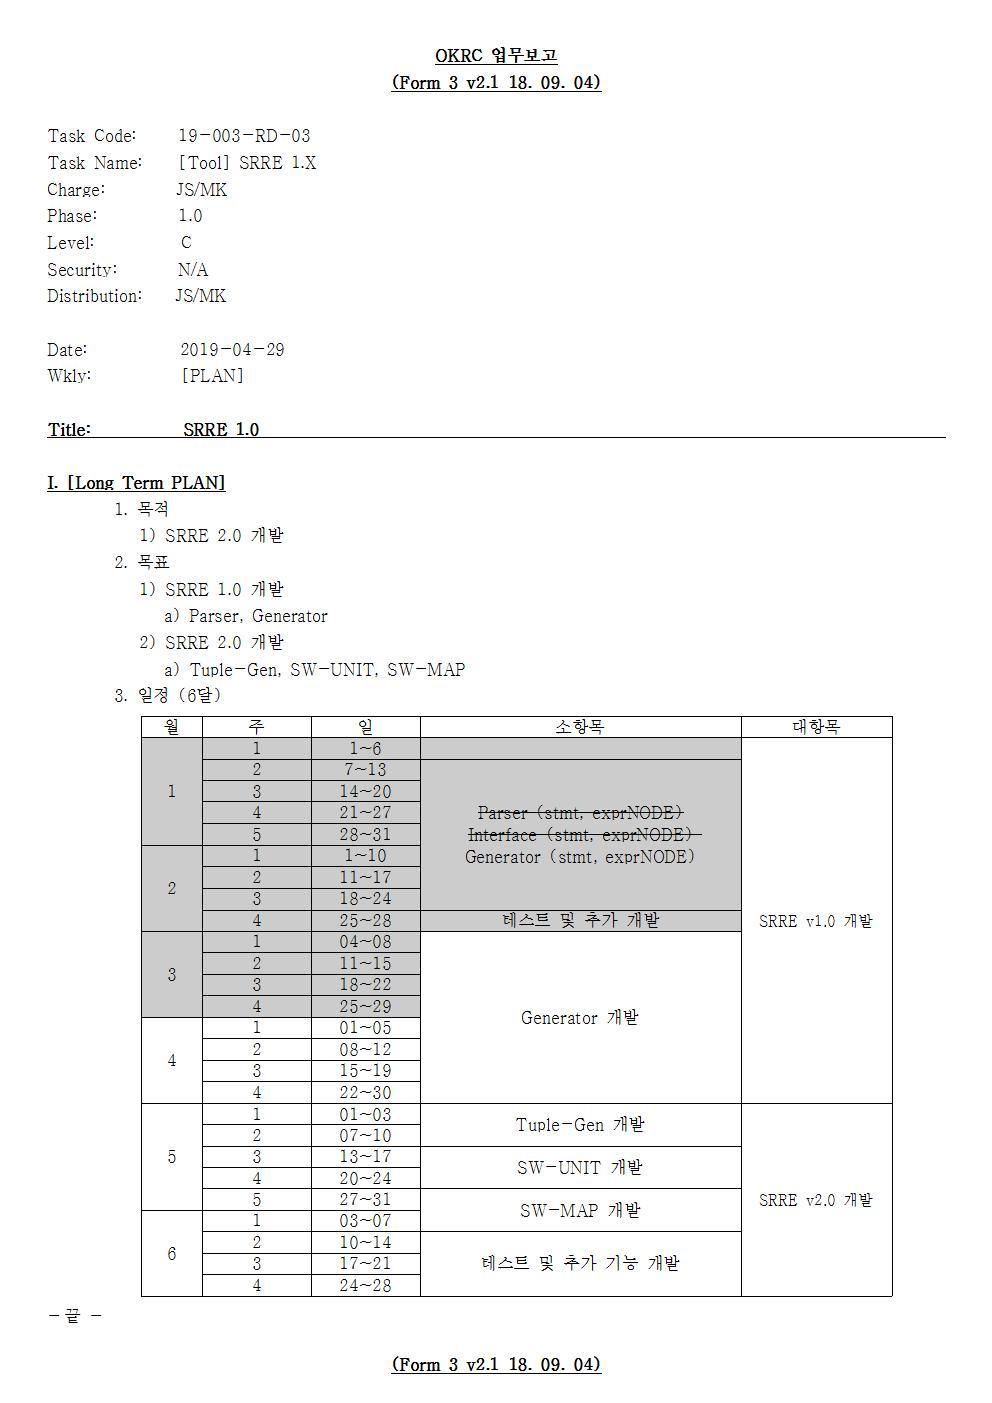 D-[19-003-RD-03]-[Tool-SRRE-1.X]-[2019-04-29][JS]001.jpg